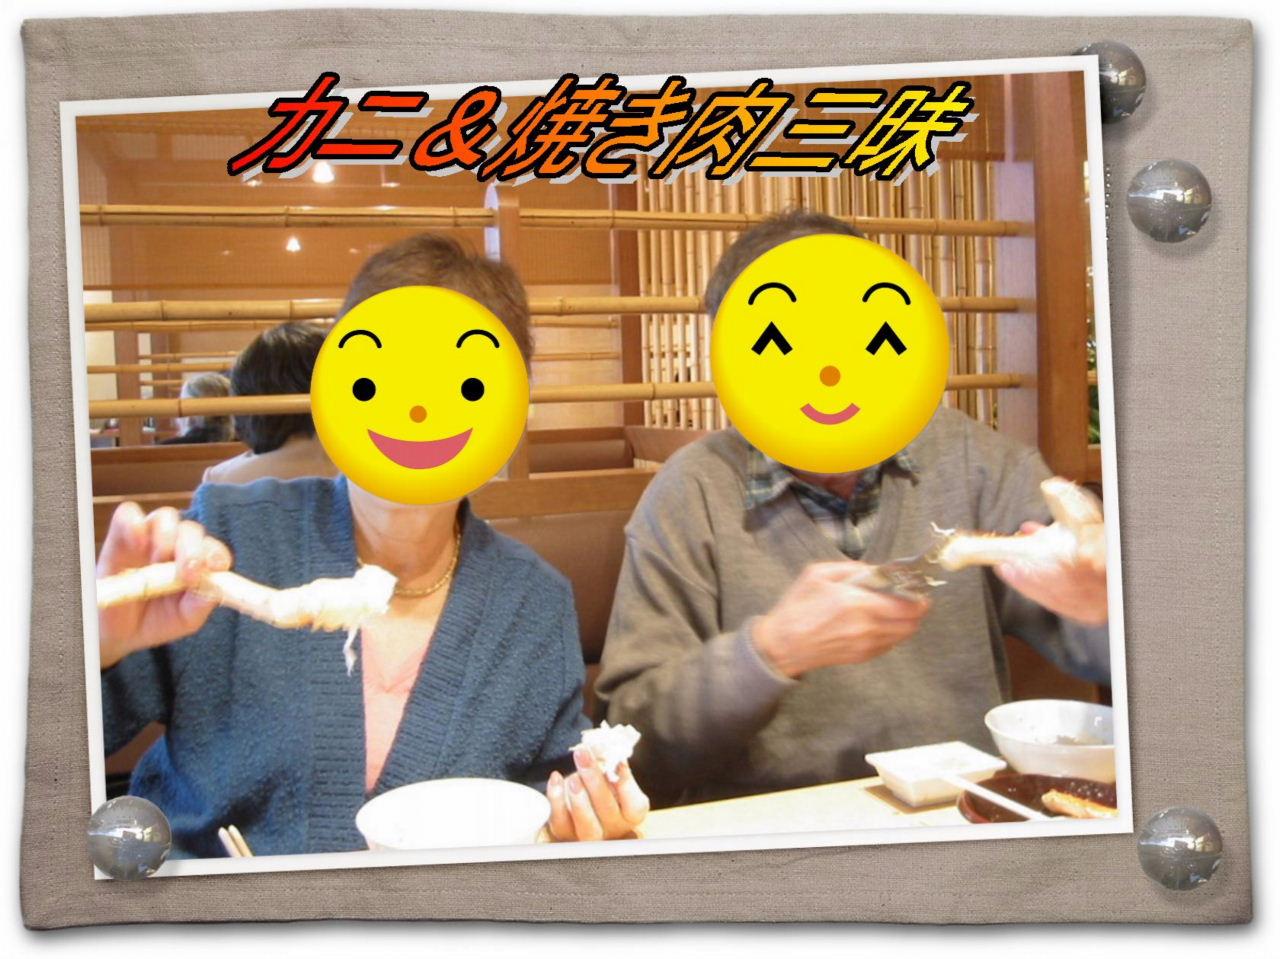 カニ・親.jpg